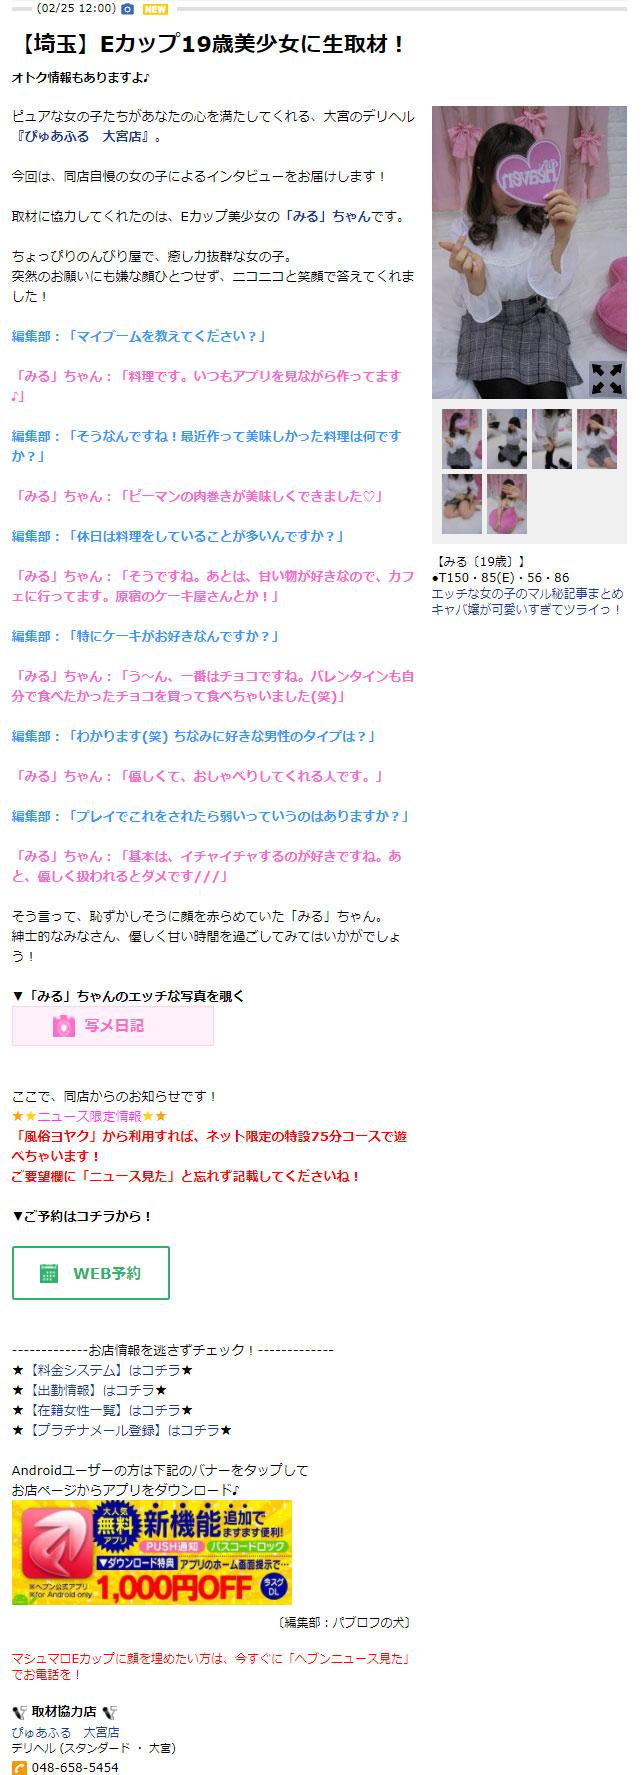 ヘブンニュース2018-02-25_ぴゅあふる